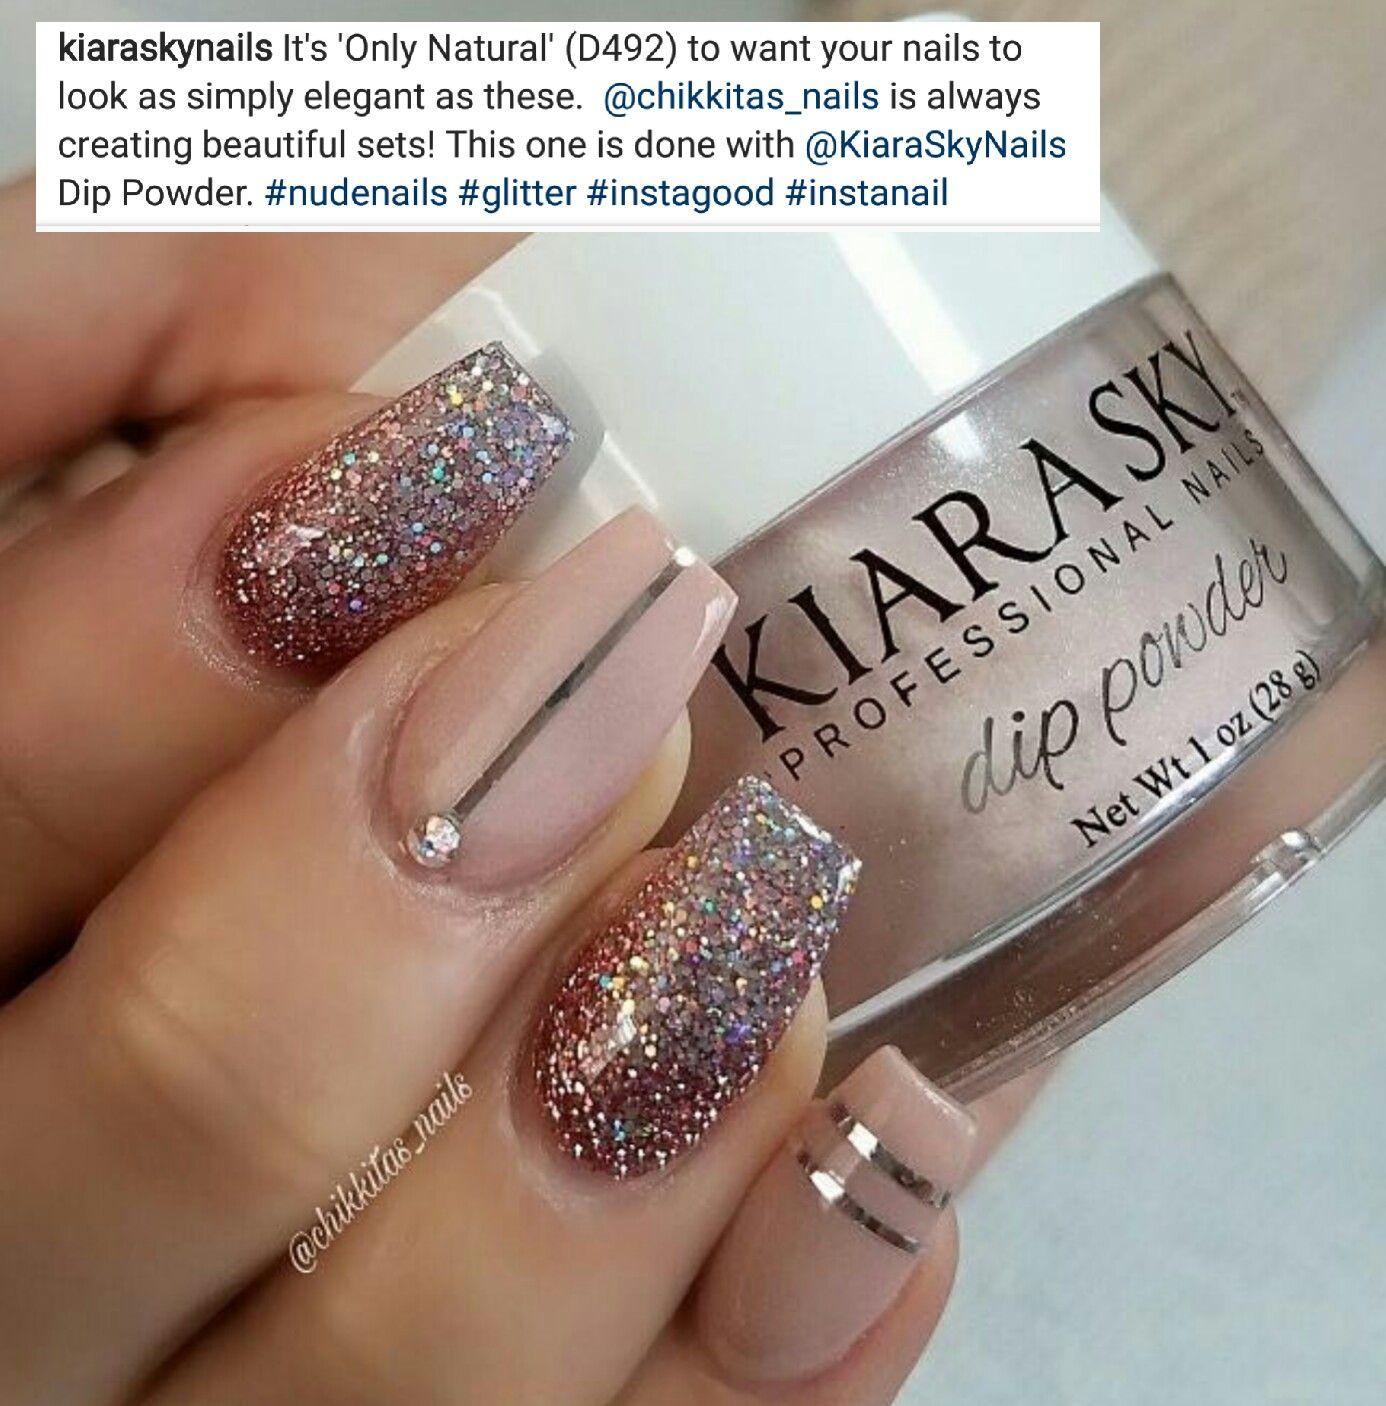 Kiarasky Only Natural Shellac Nails Glitter Sns Dip Powder